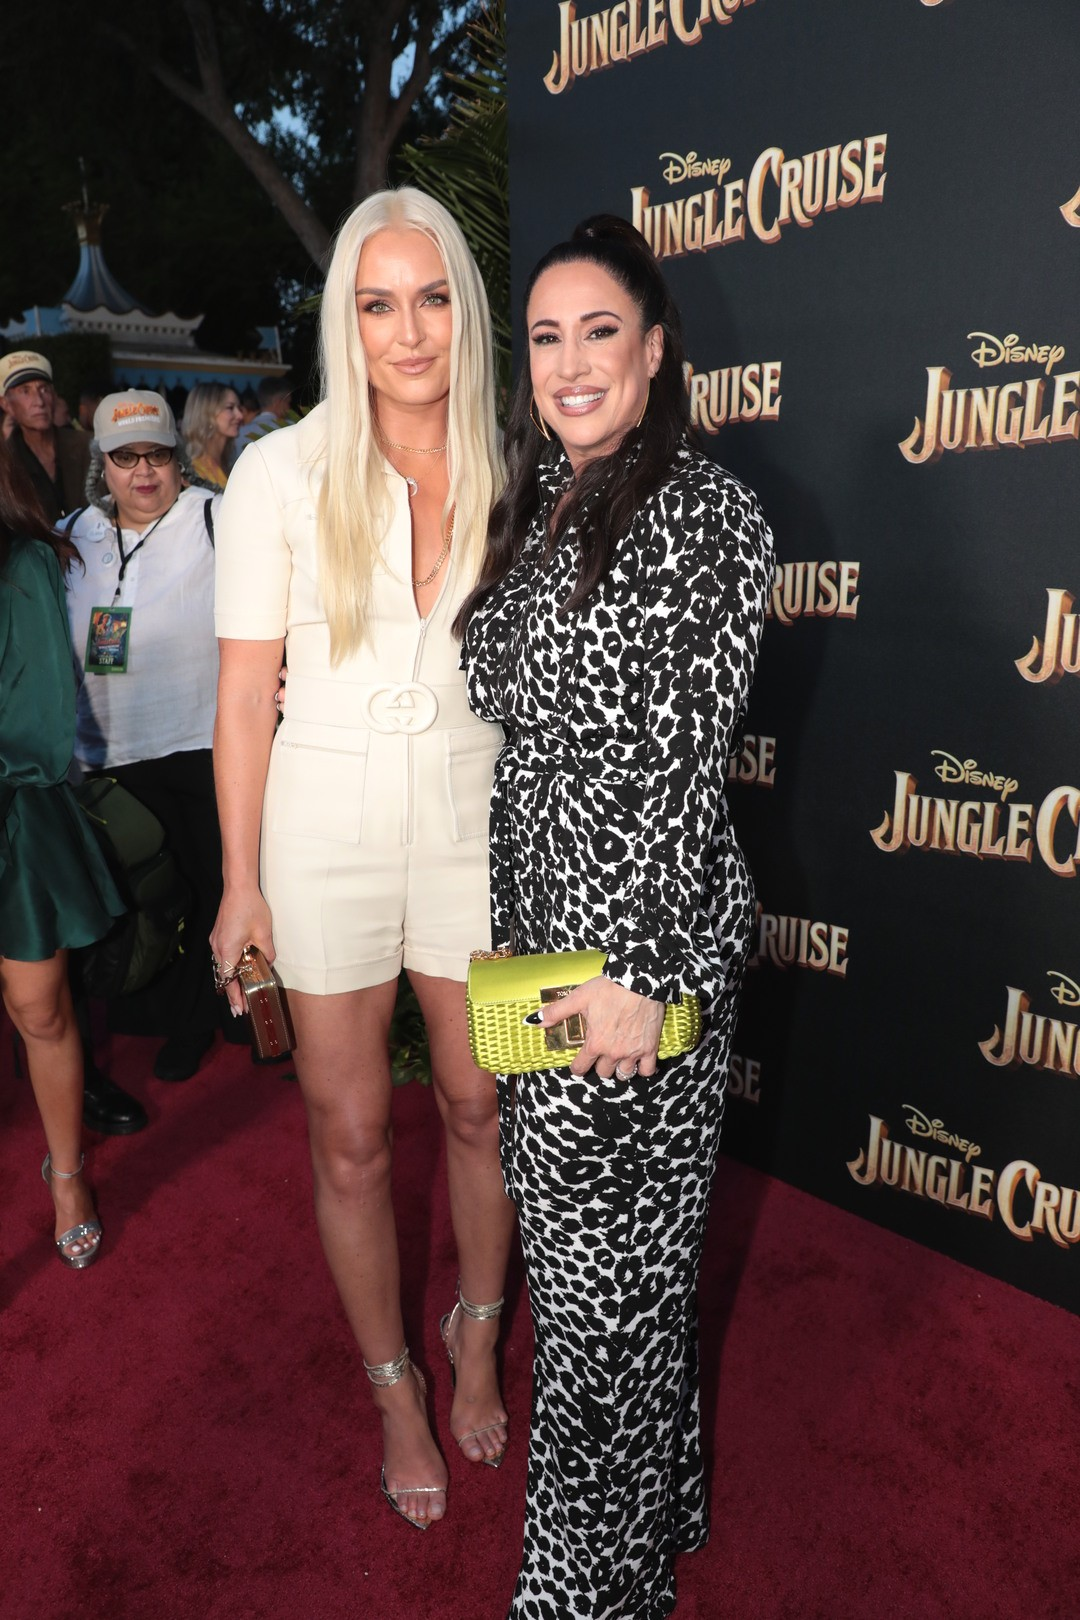 """Weltpremiere von """"Jungle Cruise"""" - Die schönsten Fotos vom Roten Teppich"""